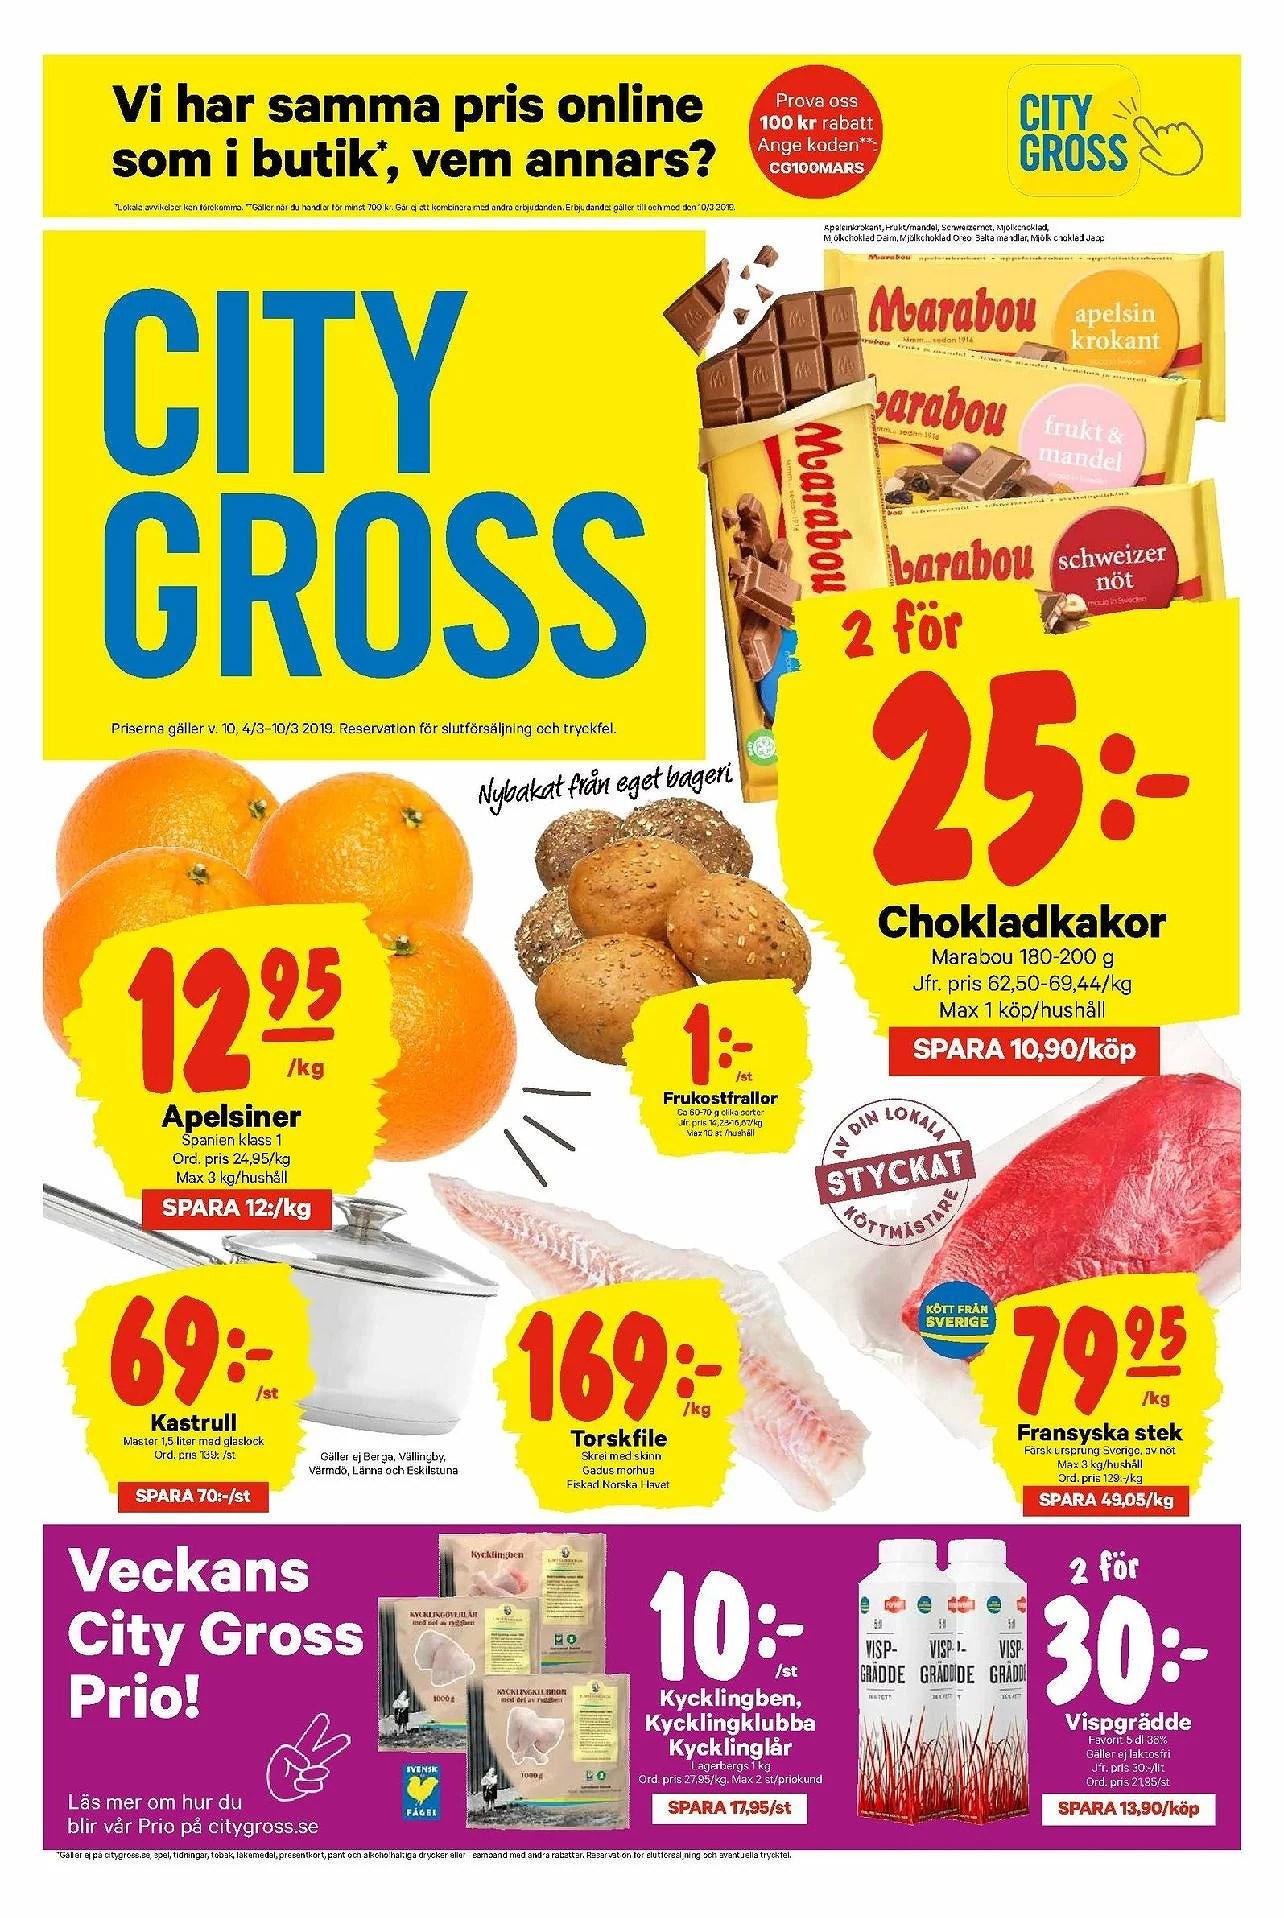 City Gross, frukostfrallor 1kr, semlor 2-pack 20kr och annat